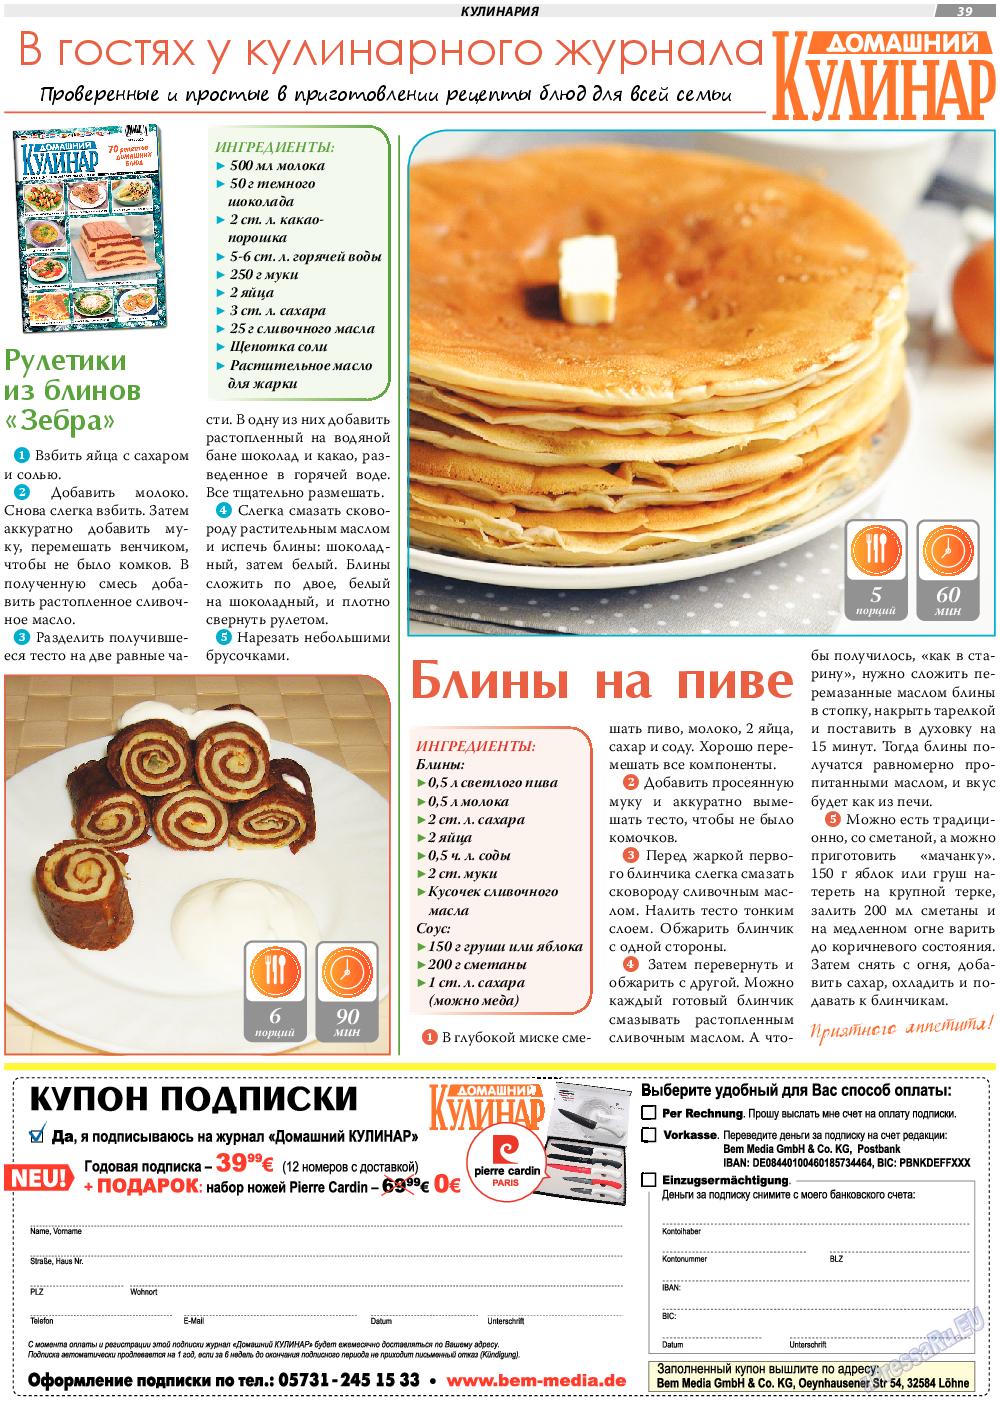 TVrus (газета). 2020 год, номер 8, стр. 39